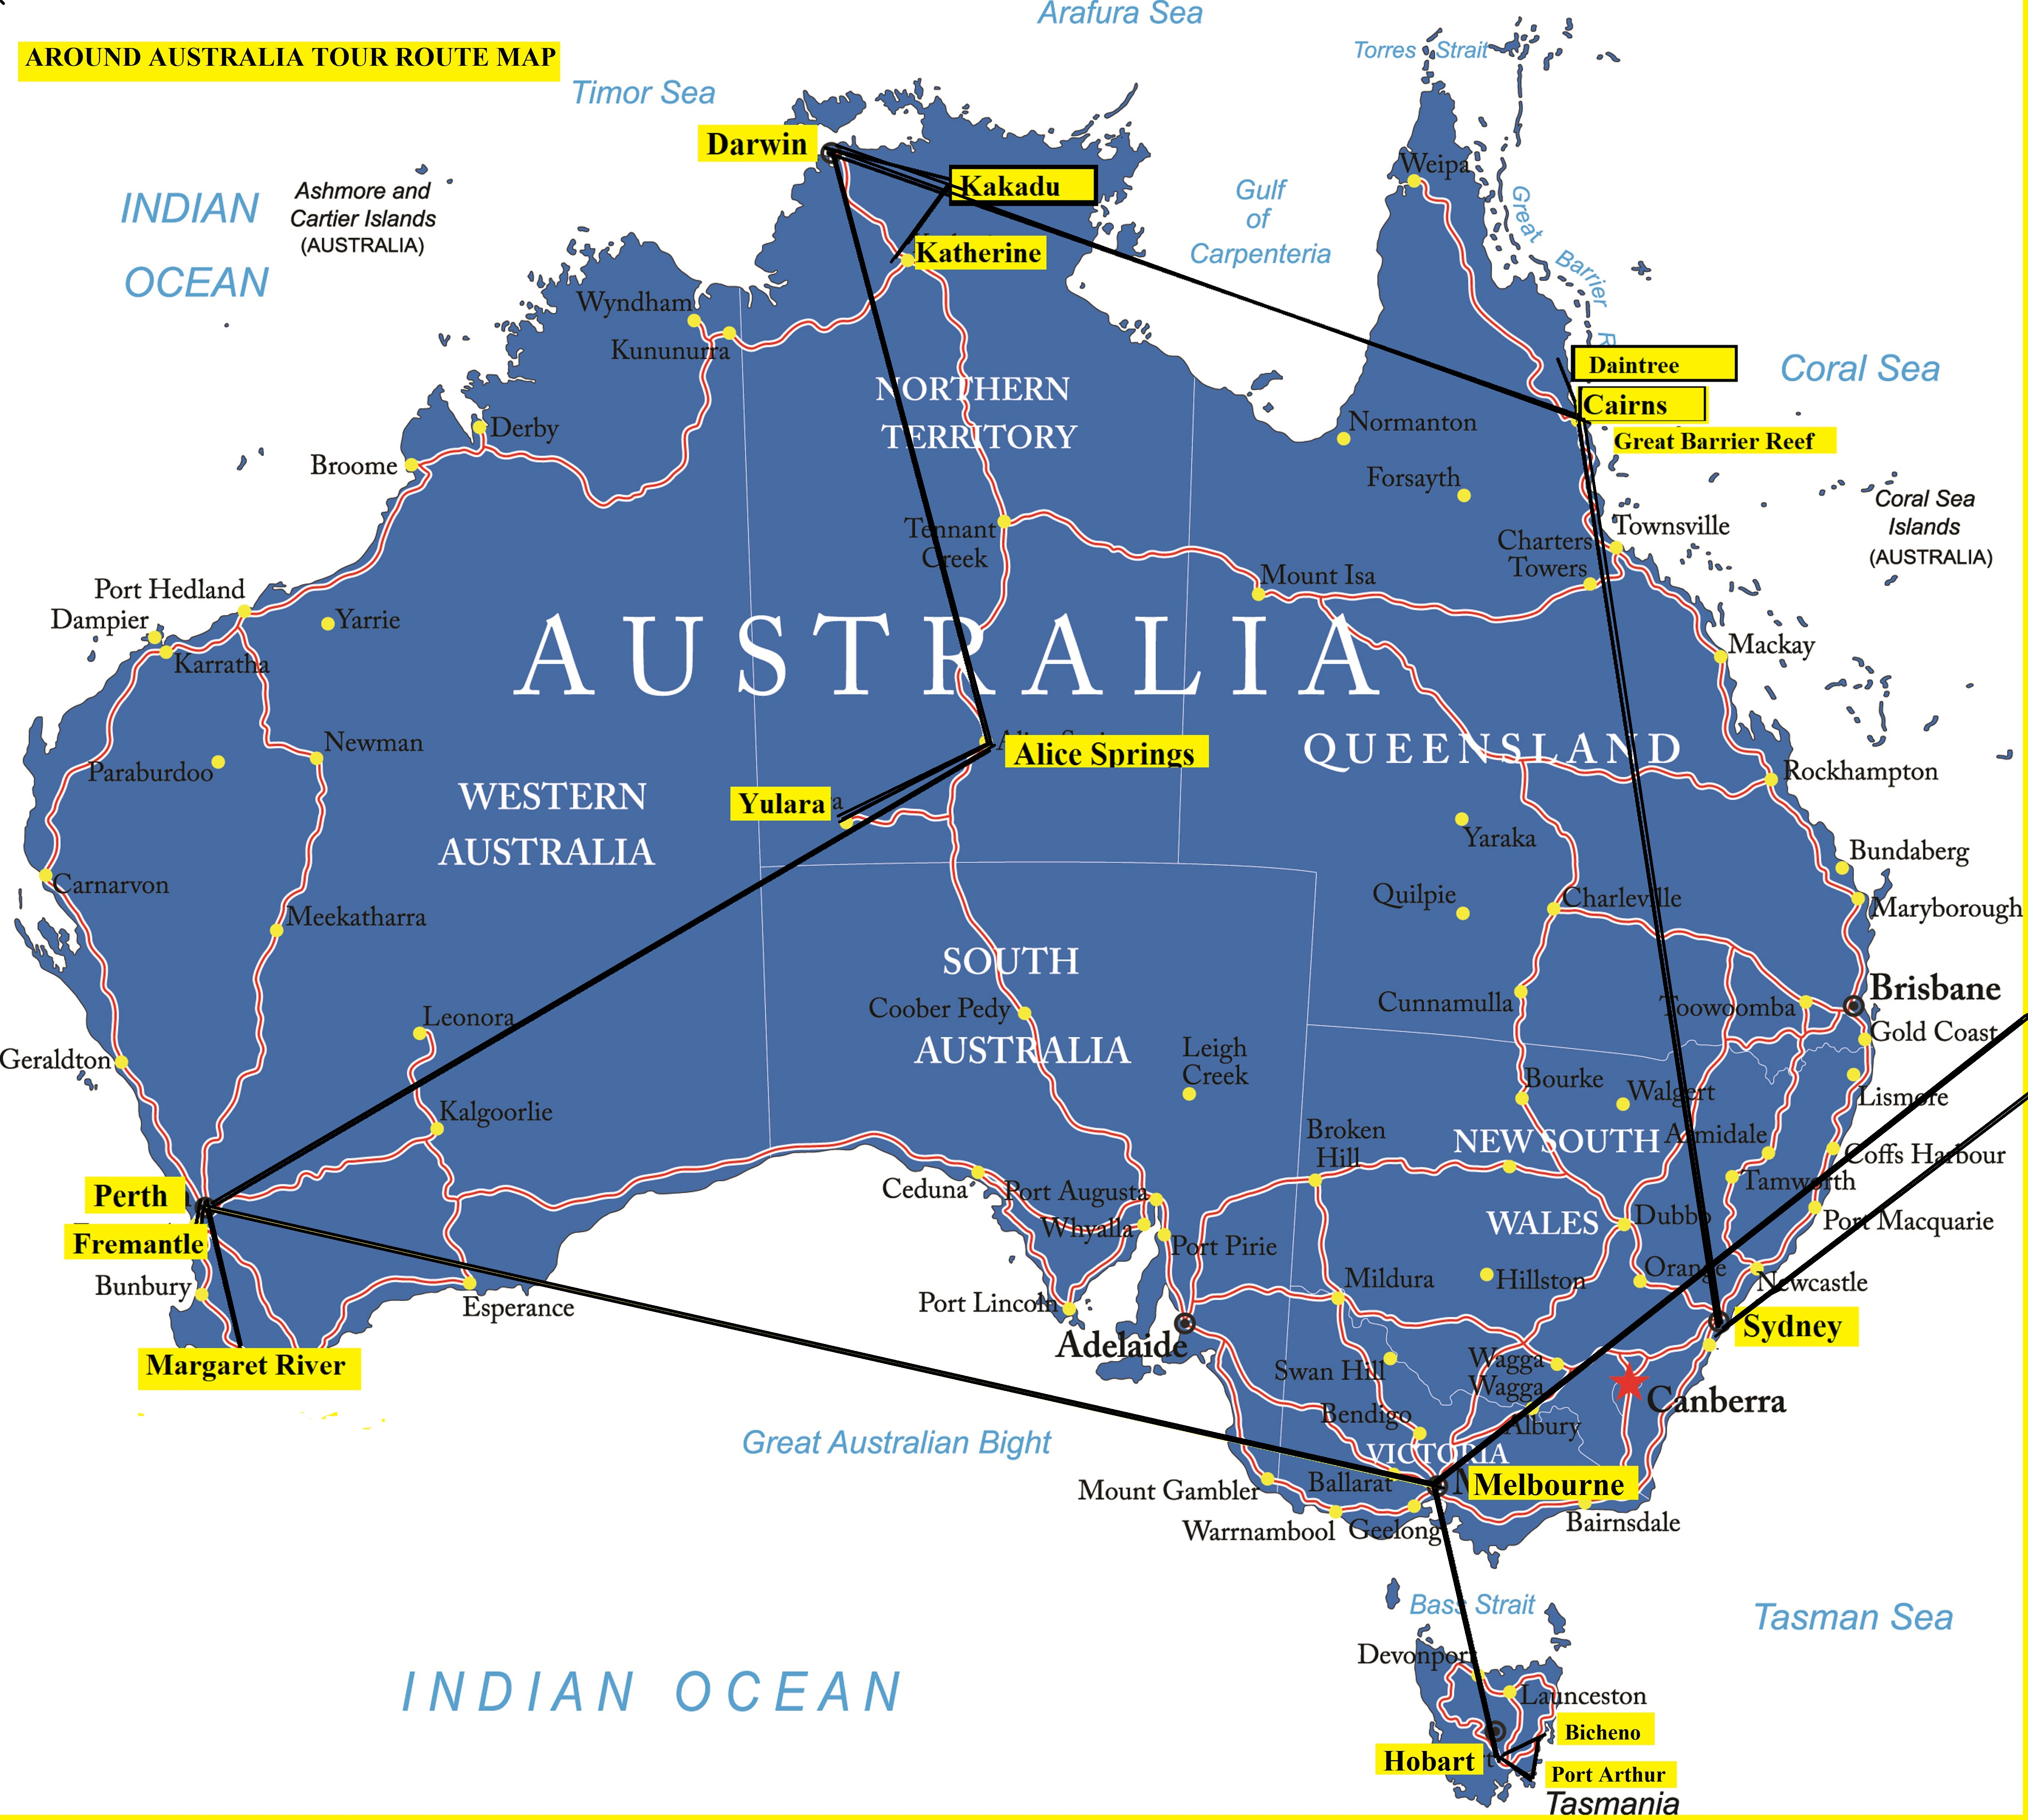 Map Around Australia.Asi Tours Around Australia Tour Route Map